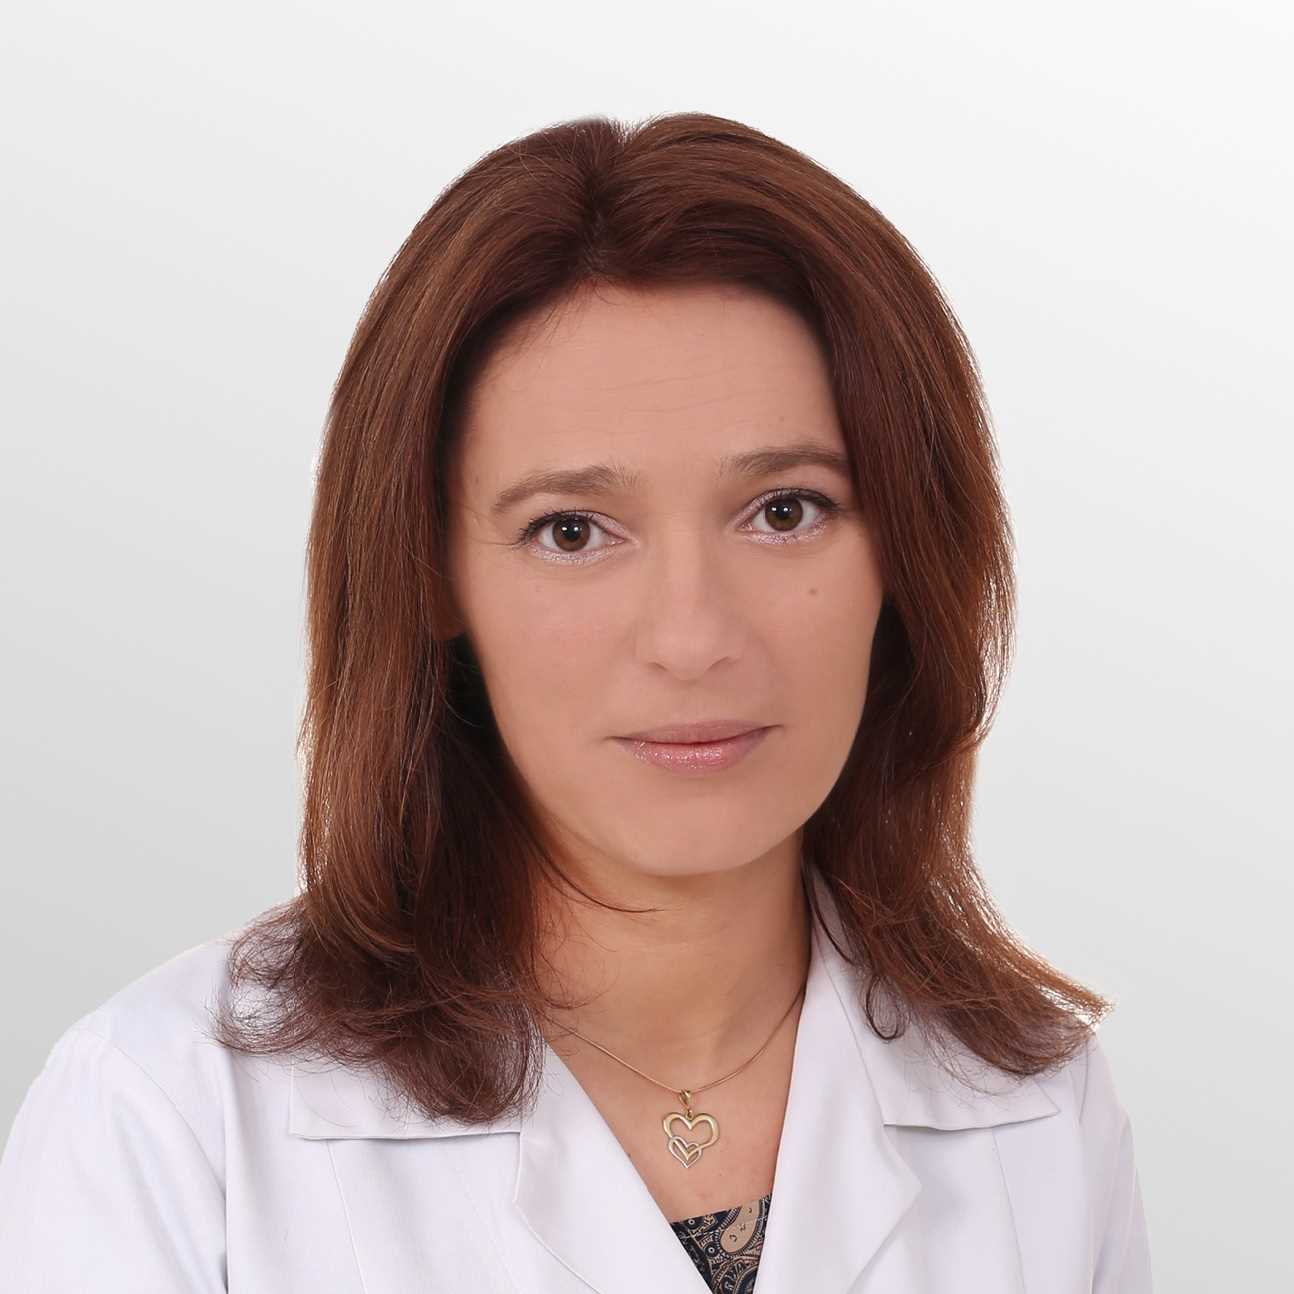 Oculomedica - Dr n. med. Adriana Laudencka